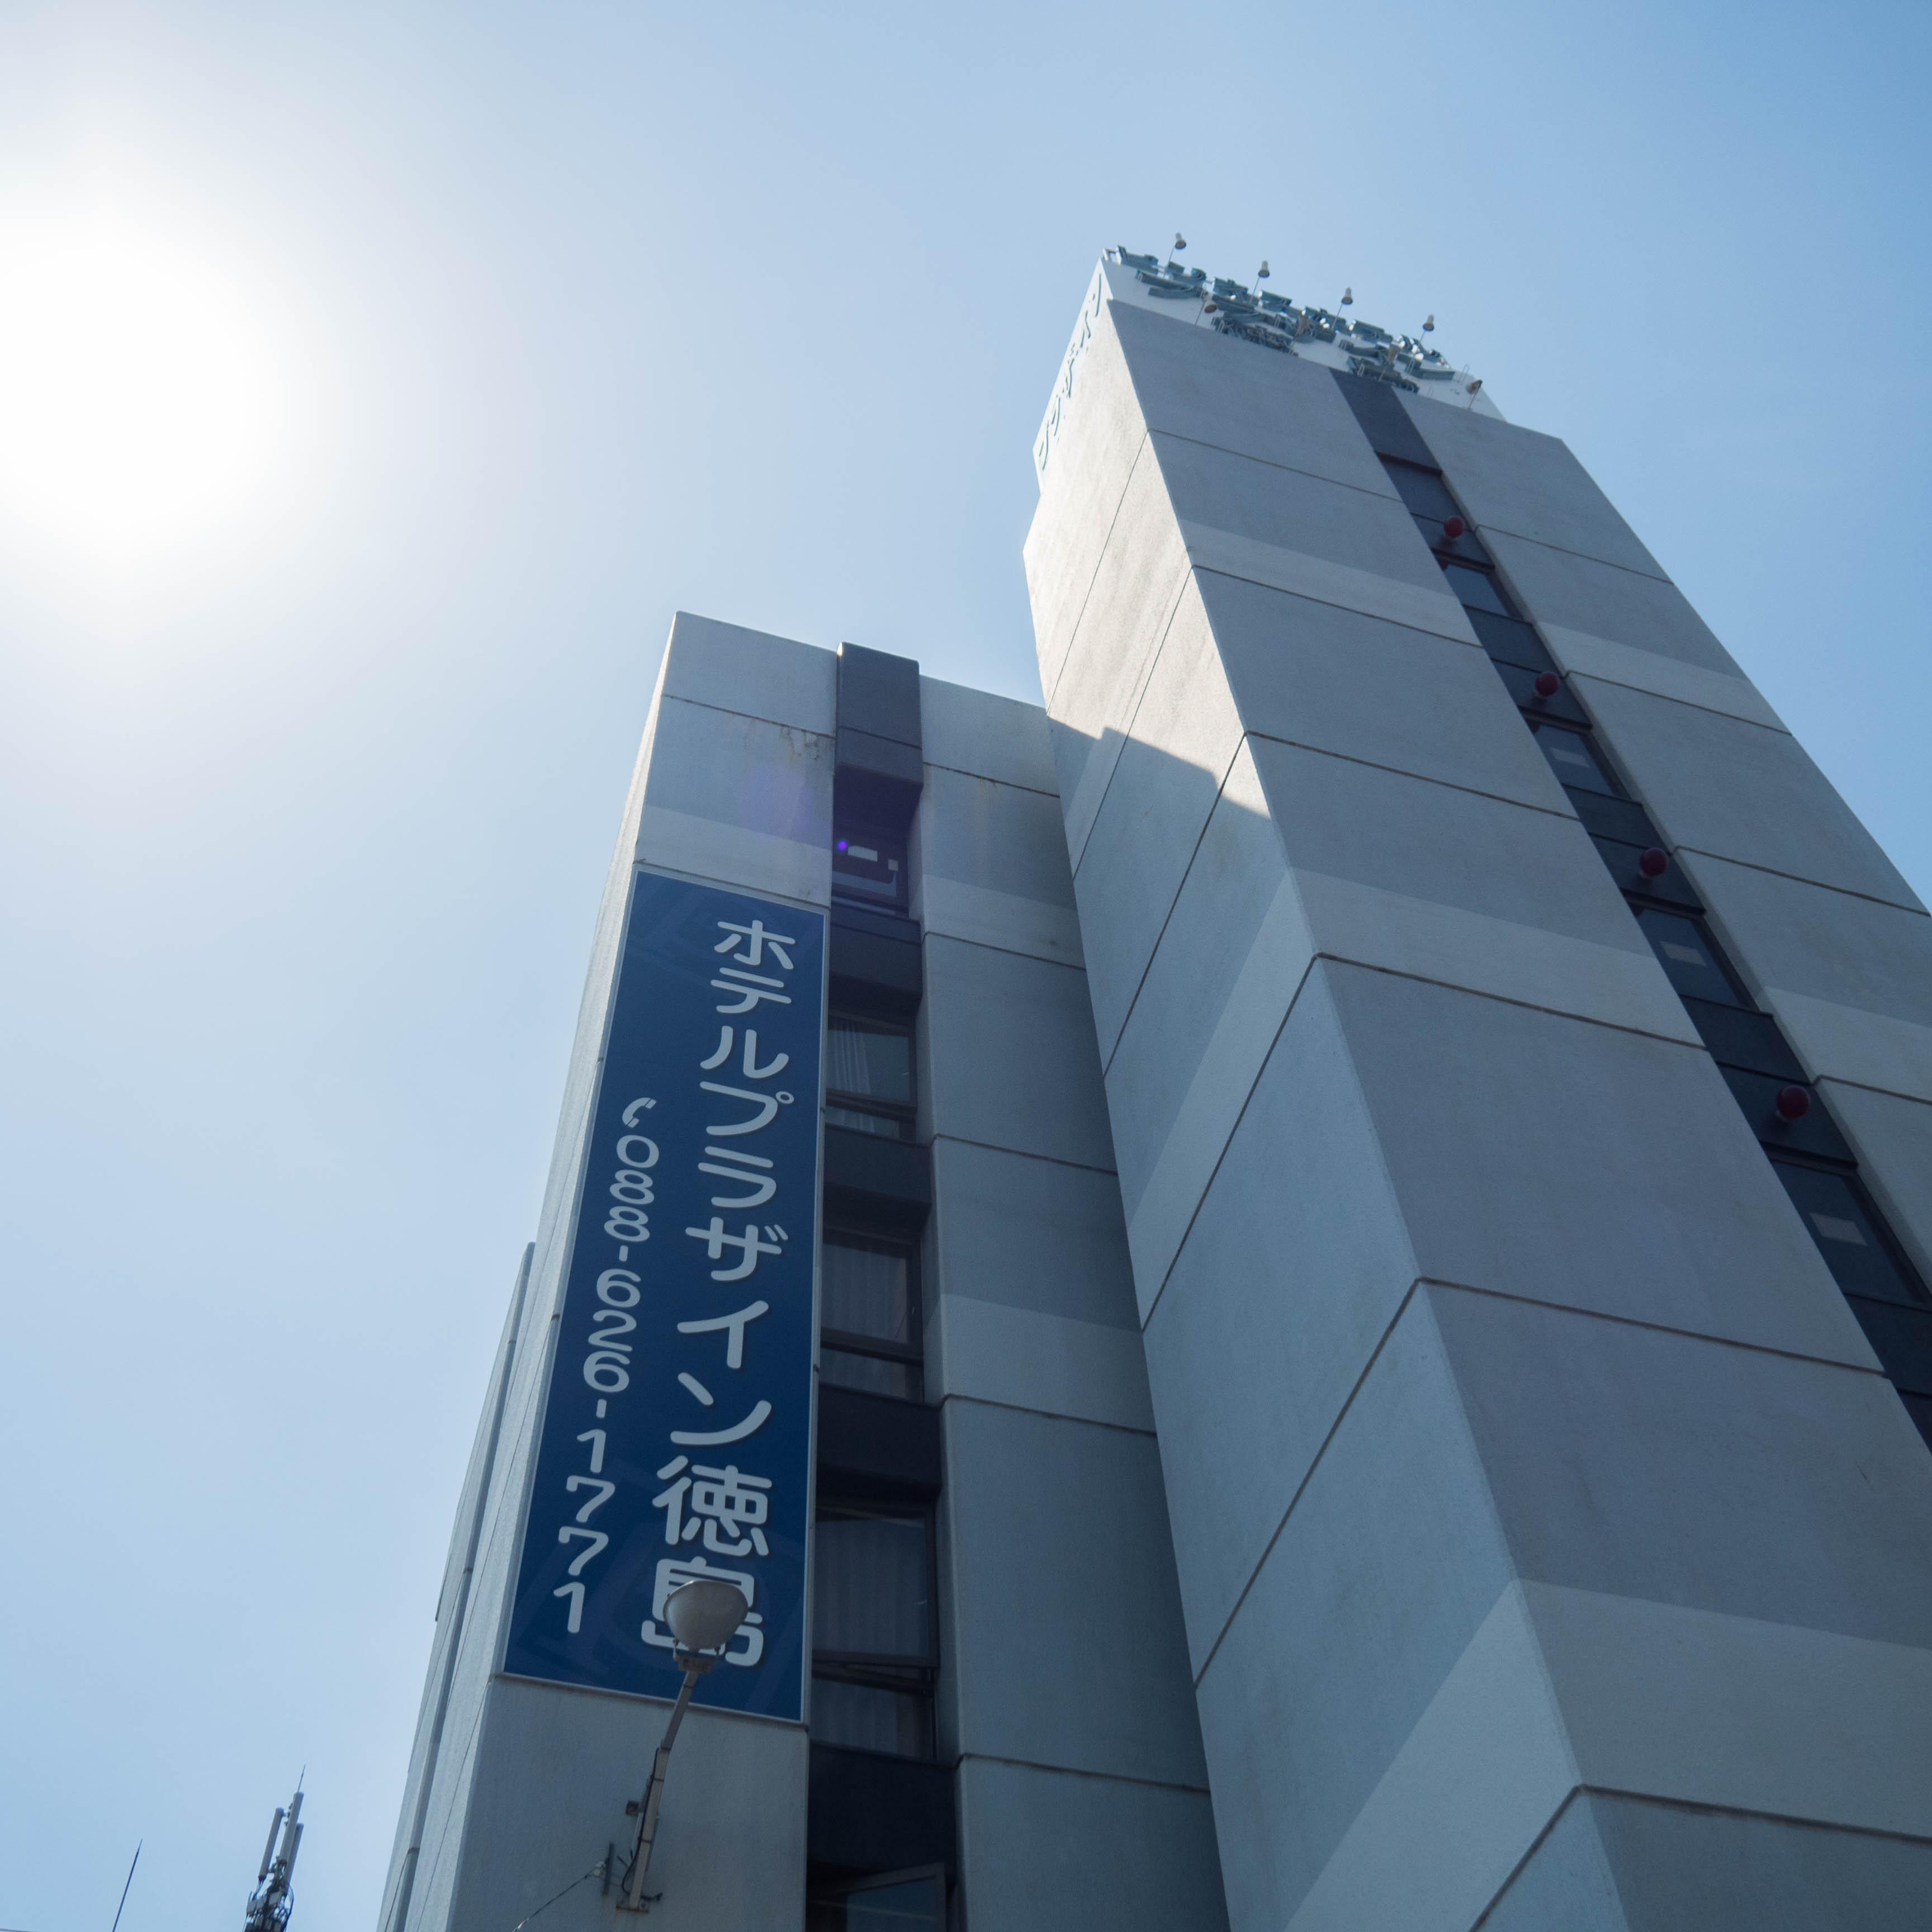 ホテルプラザイン徳島 関連画像 1枚目 楽天トラベル提供